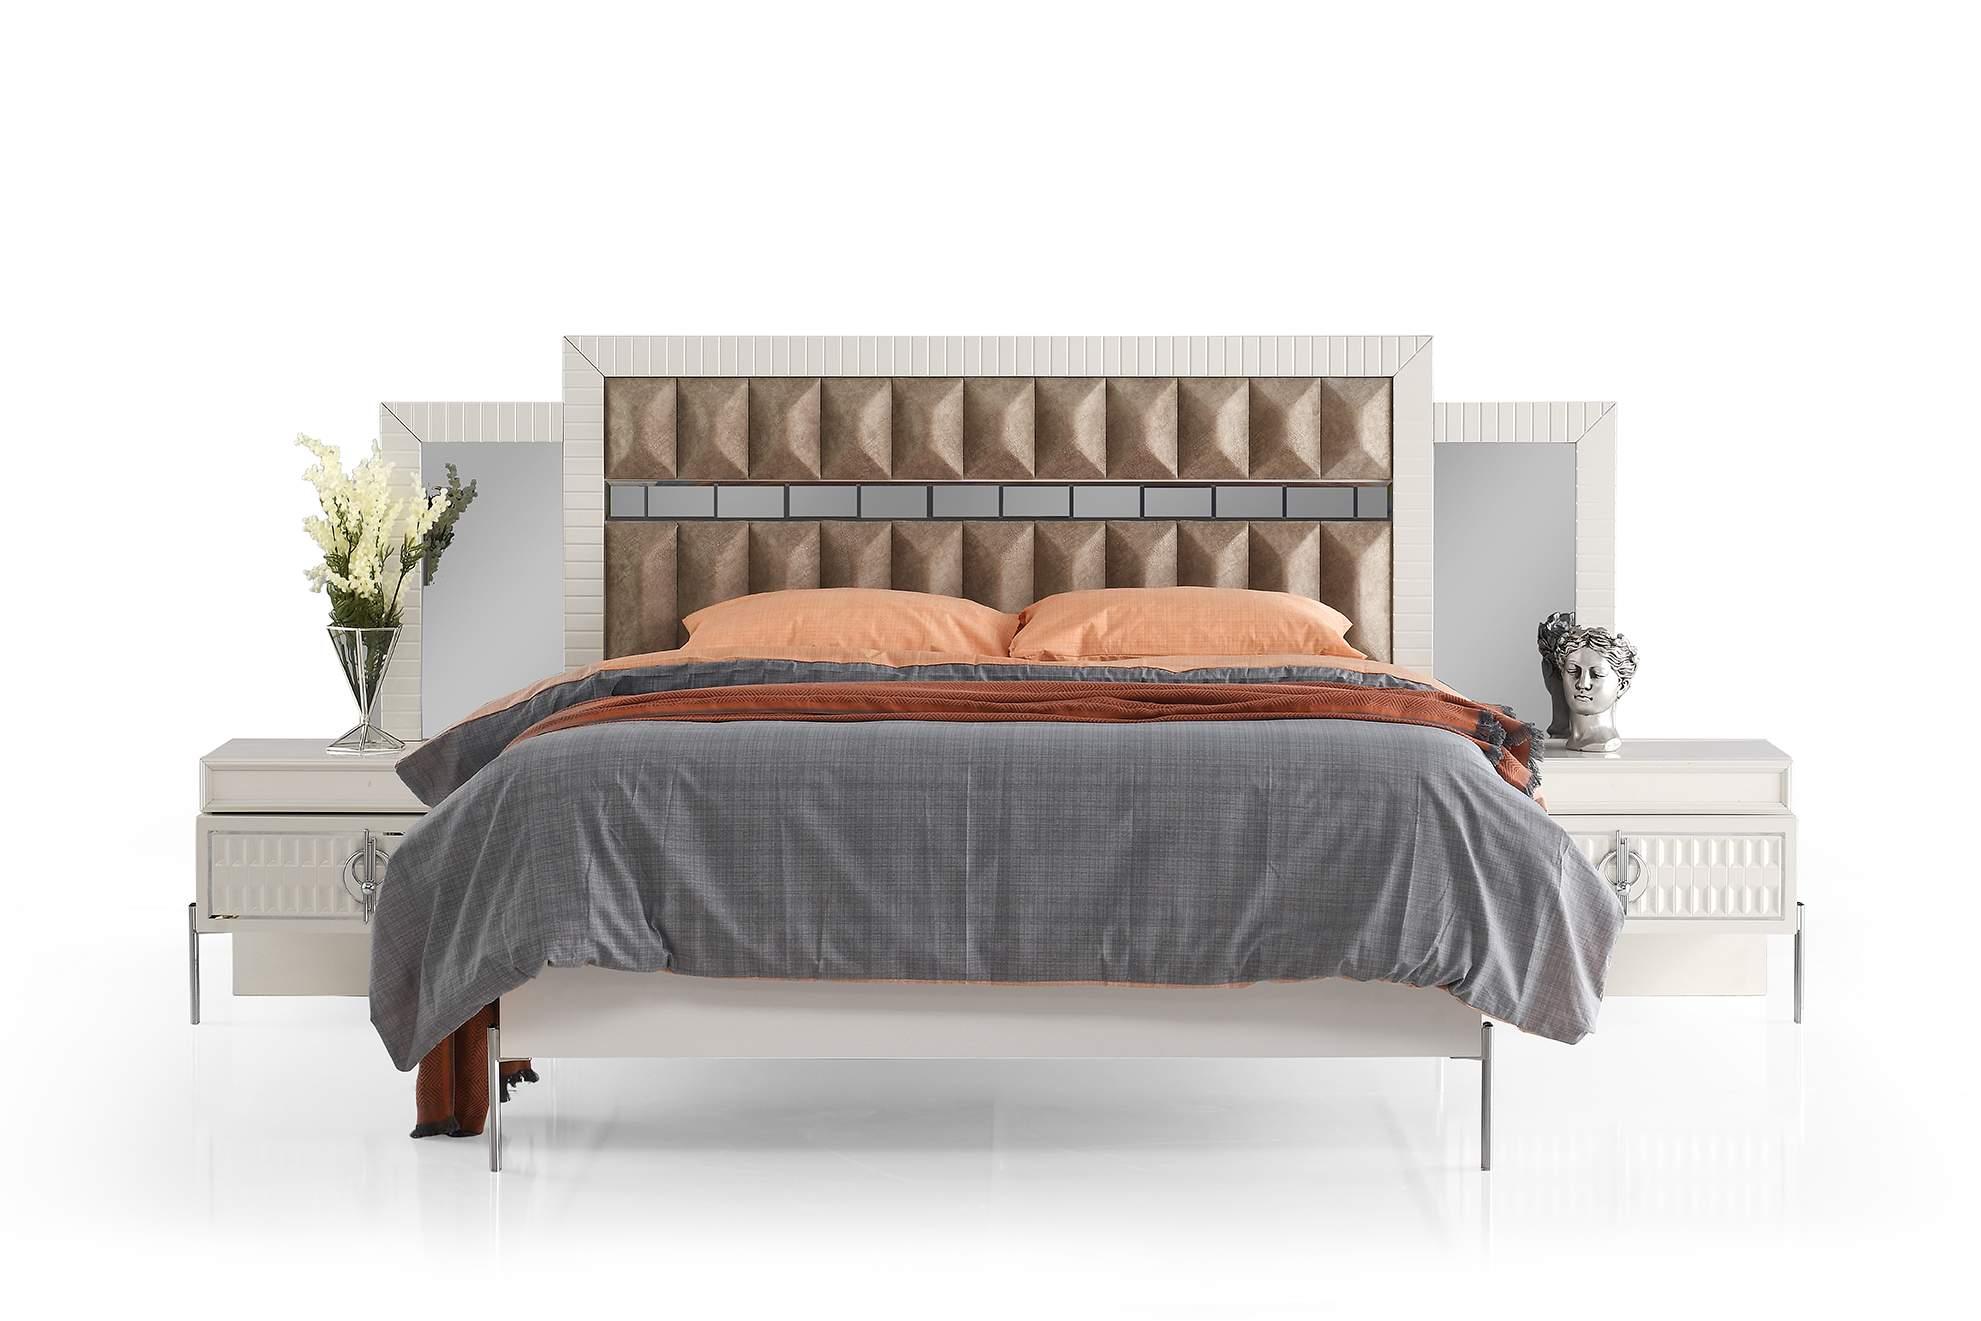 Prada 6 Kapaklı Yatak Odası Krem